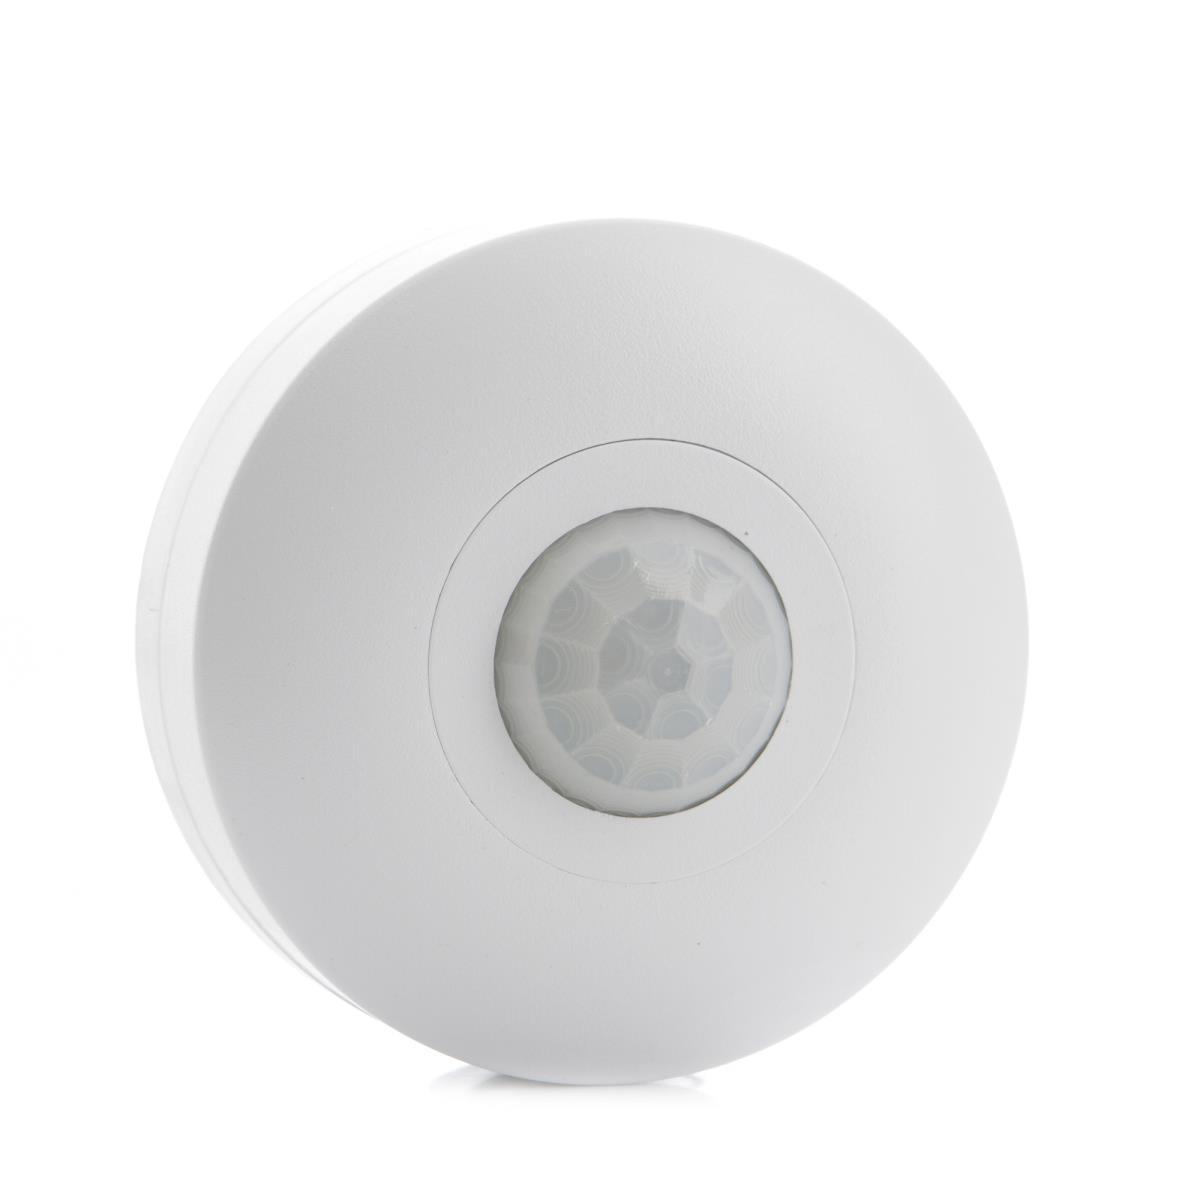 Bewegungsmelder Decke 360° für Innen LED IP20 Weiss bis 6m ST05A,Vagner SDH,ST05A-W, 4770364202452